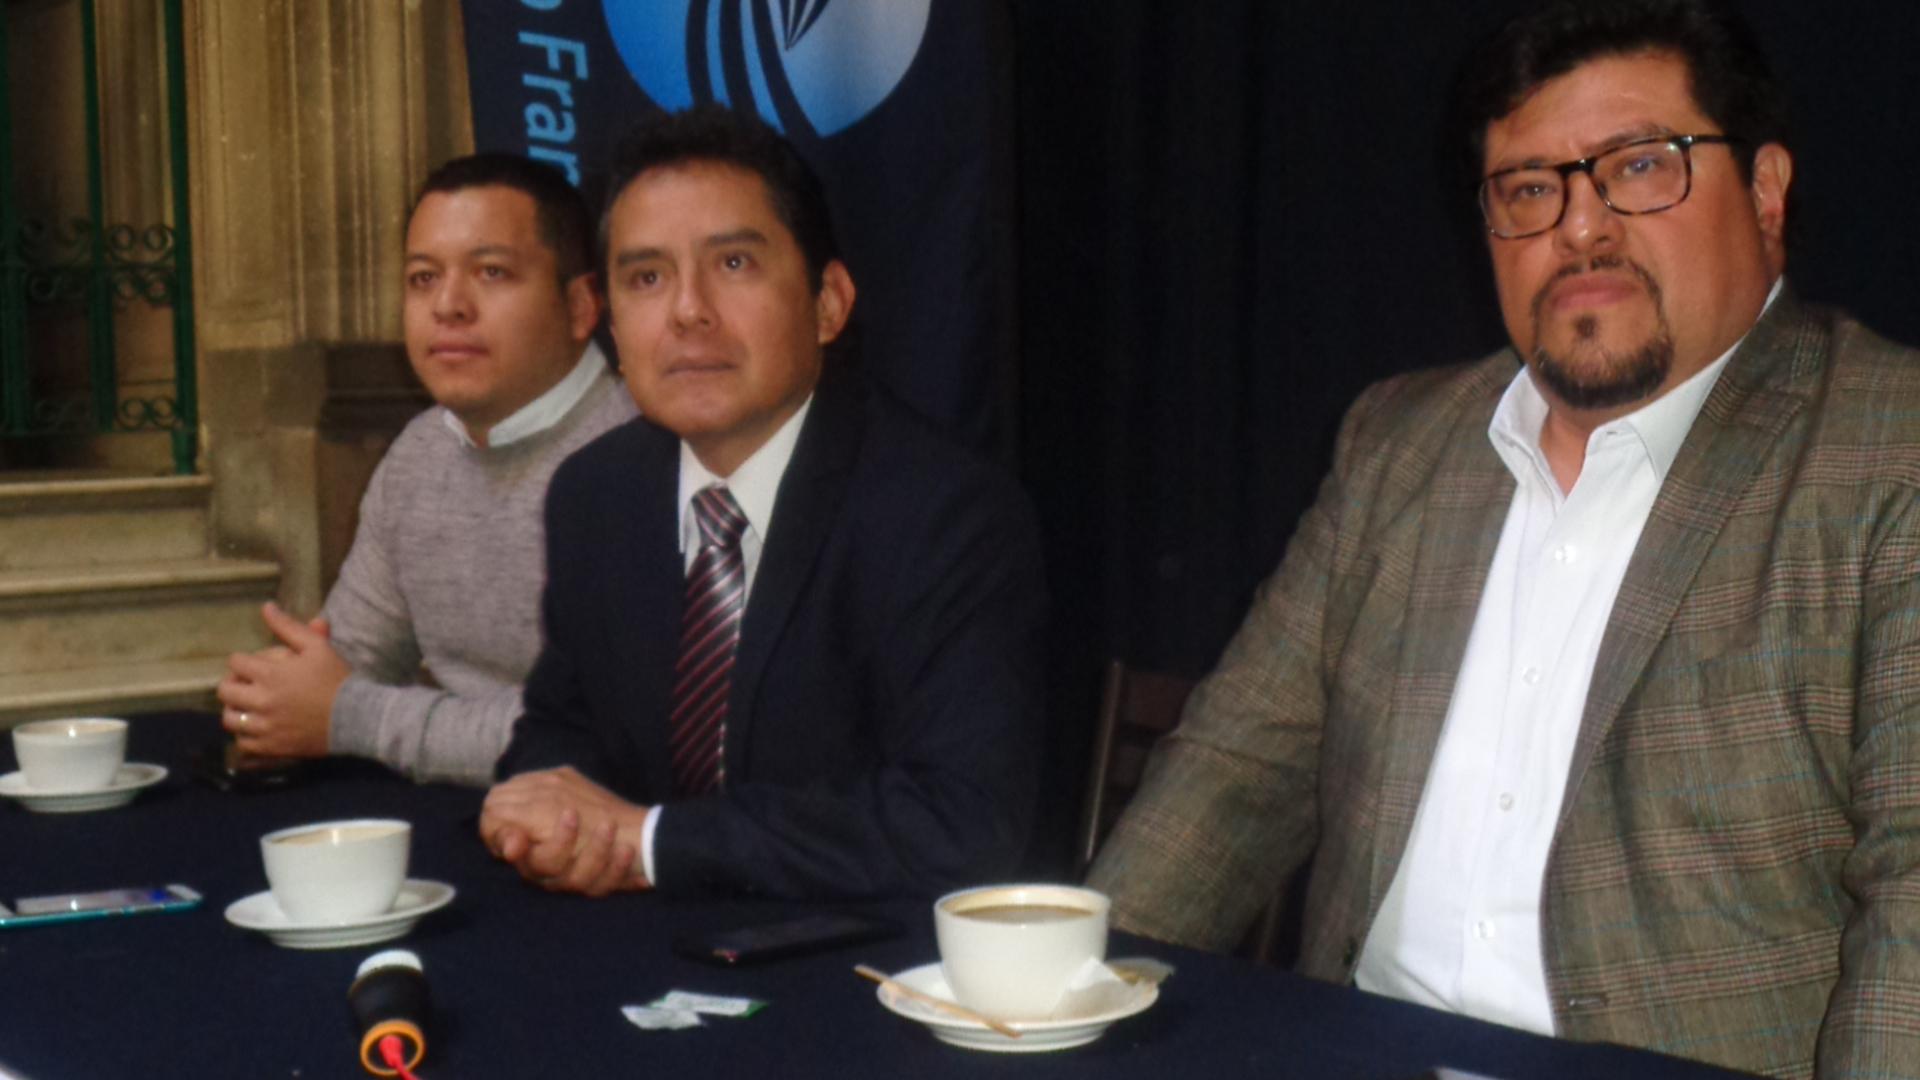 Empresarios de franquicia piden suspender a titular de Movilidad en el ayuntamiento de Puebla